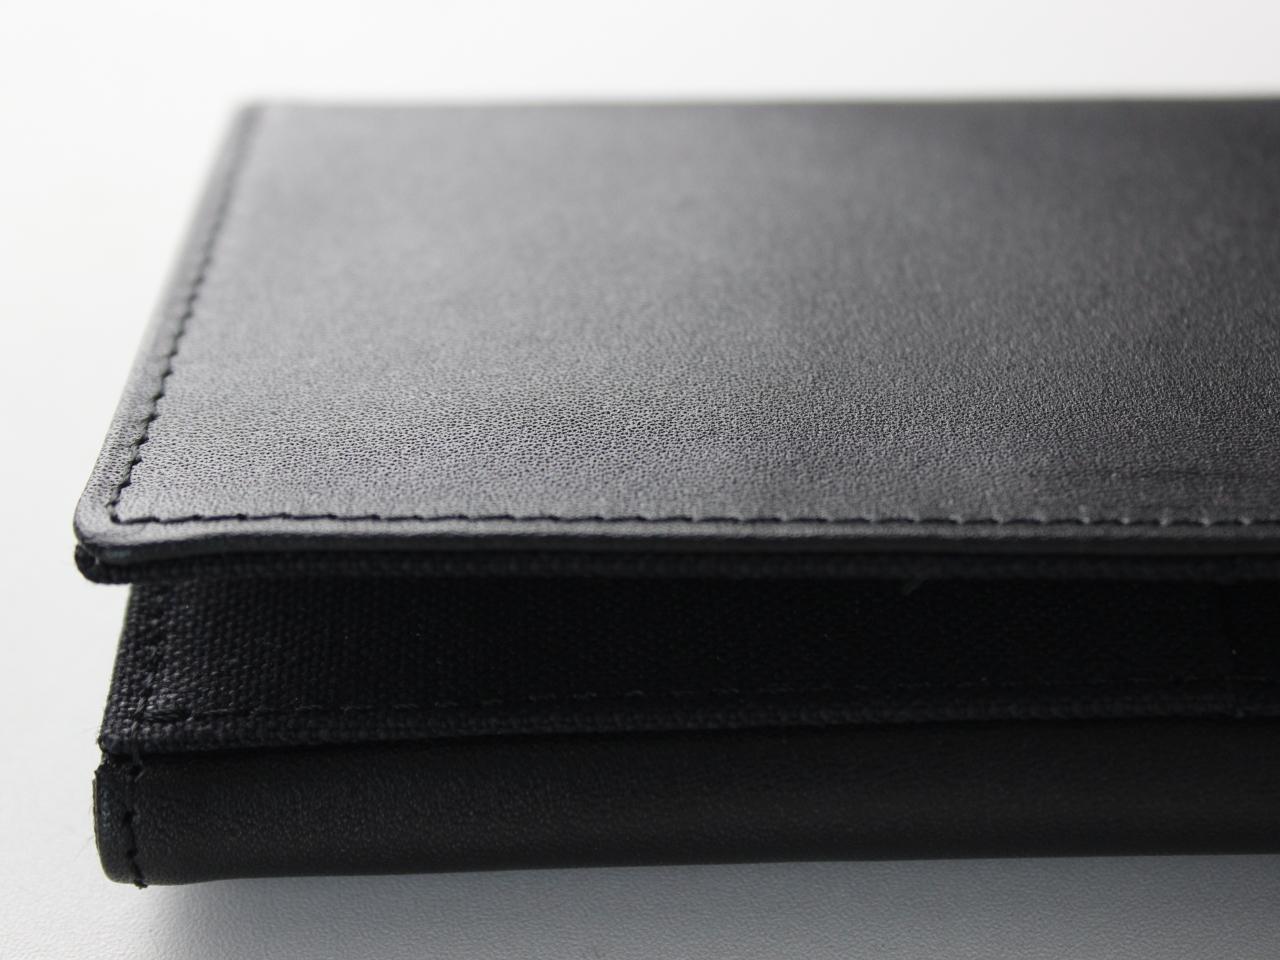 たくさん入るカードケース - Black Edition